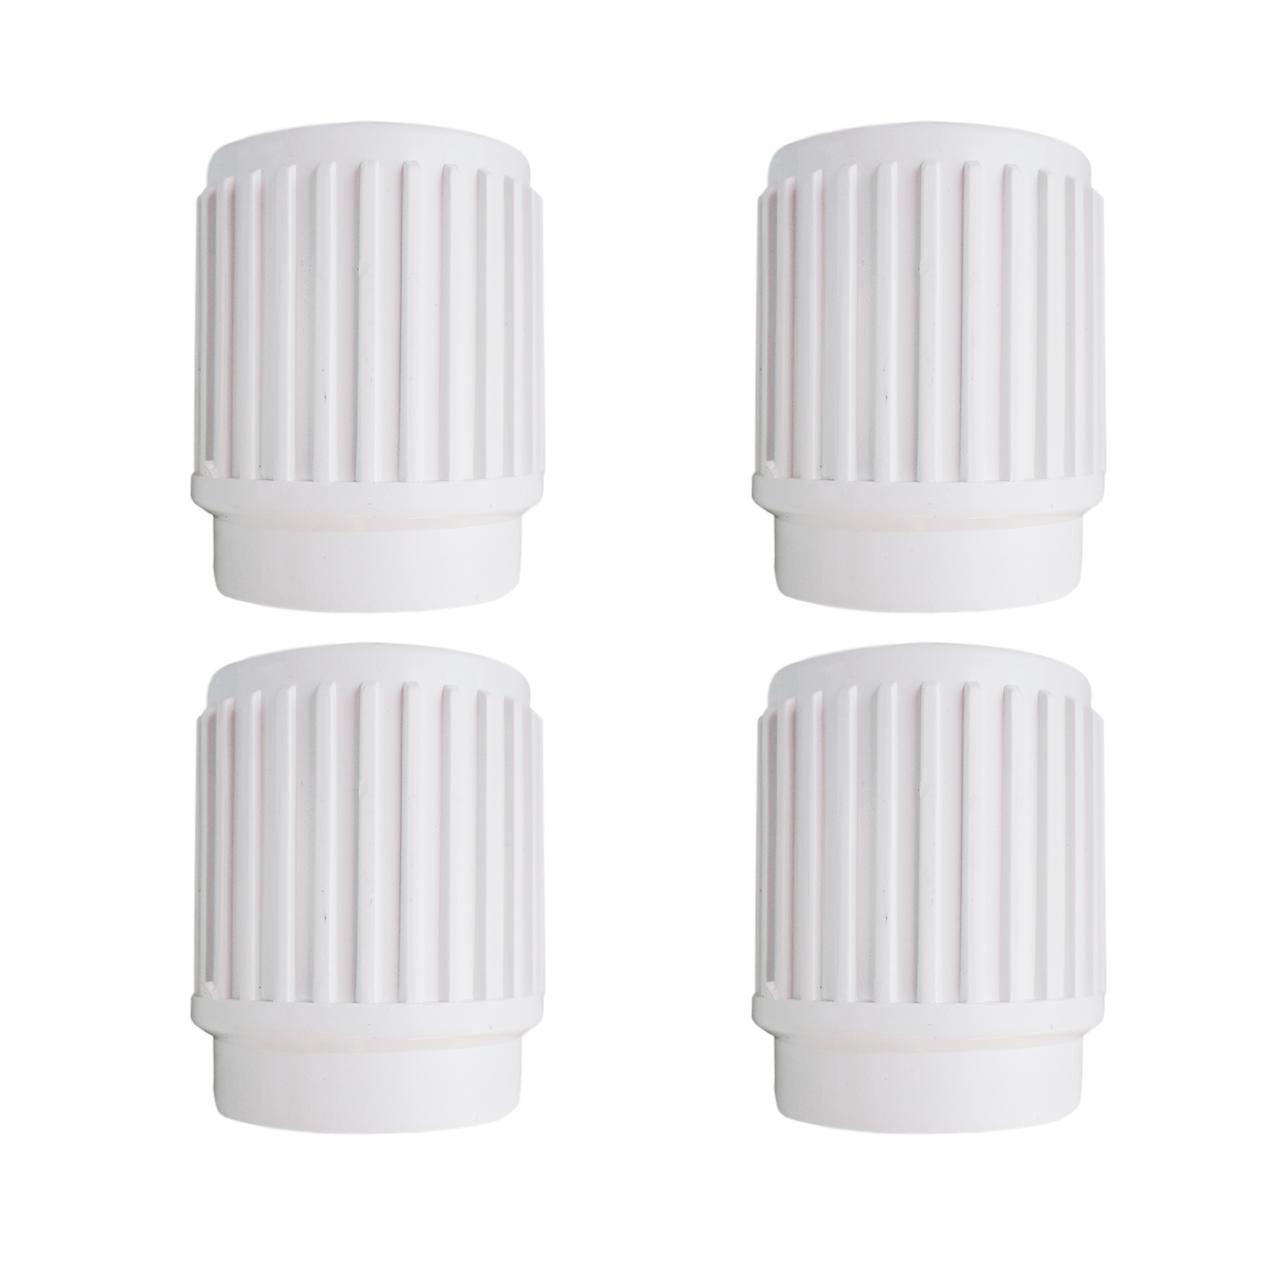 قیمت سر شیر شوفاژ مدل B11 بسته ۴ عددی